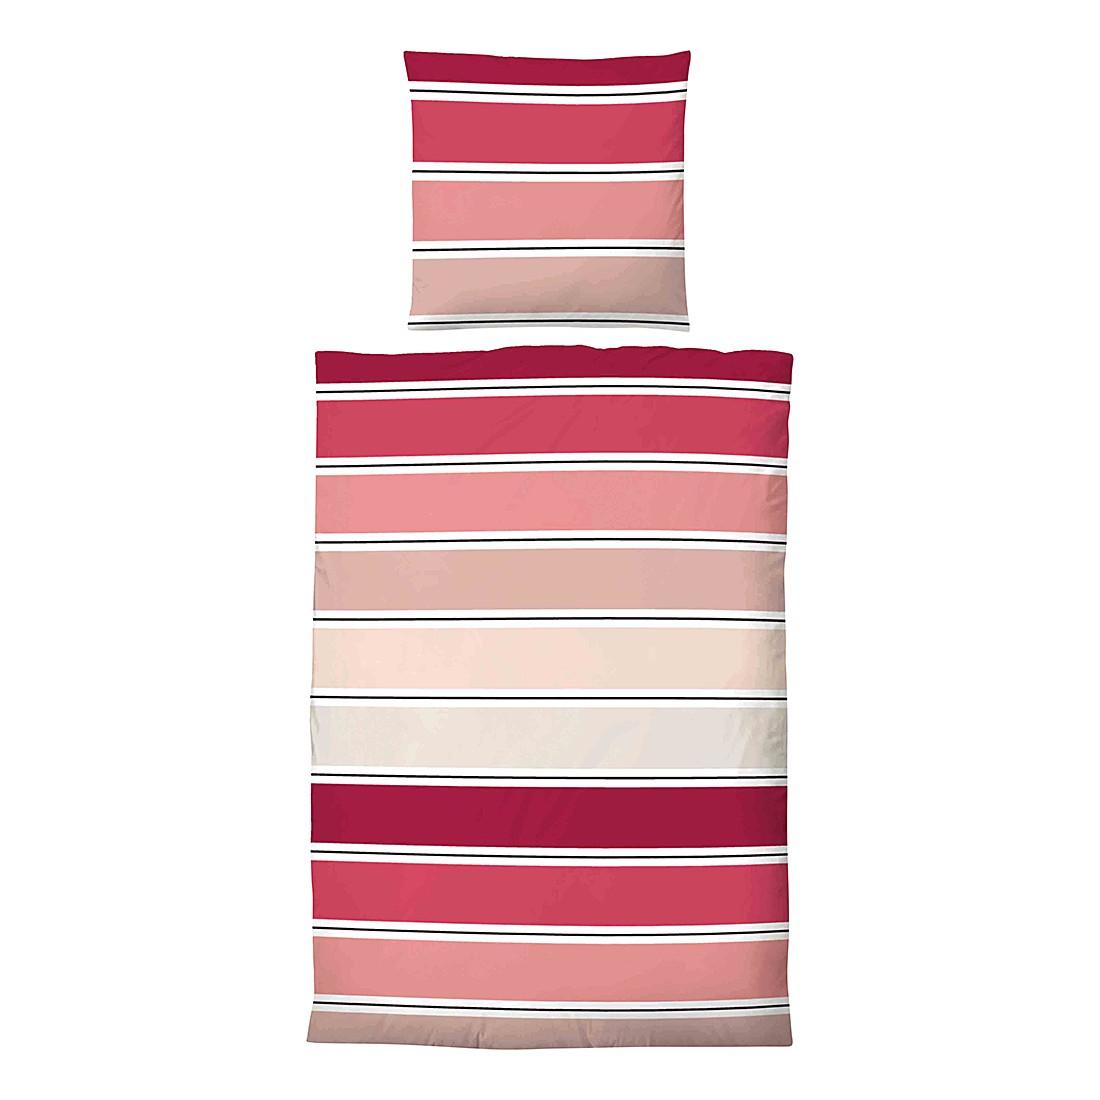 Home 24 - Parure de lit en satin maco jana - rouge rubis - 135 x 200 cm + coussin 80 x 80 cm, biberna